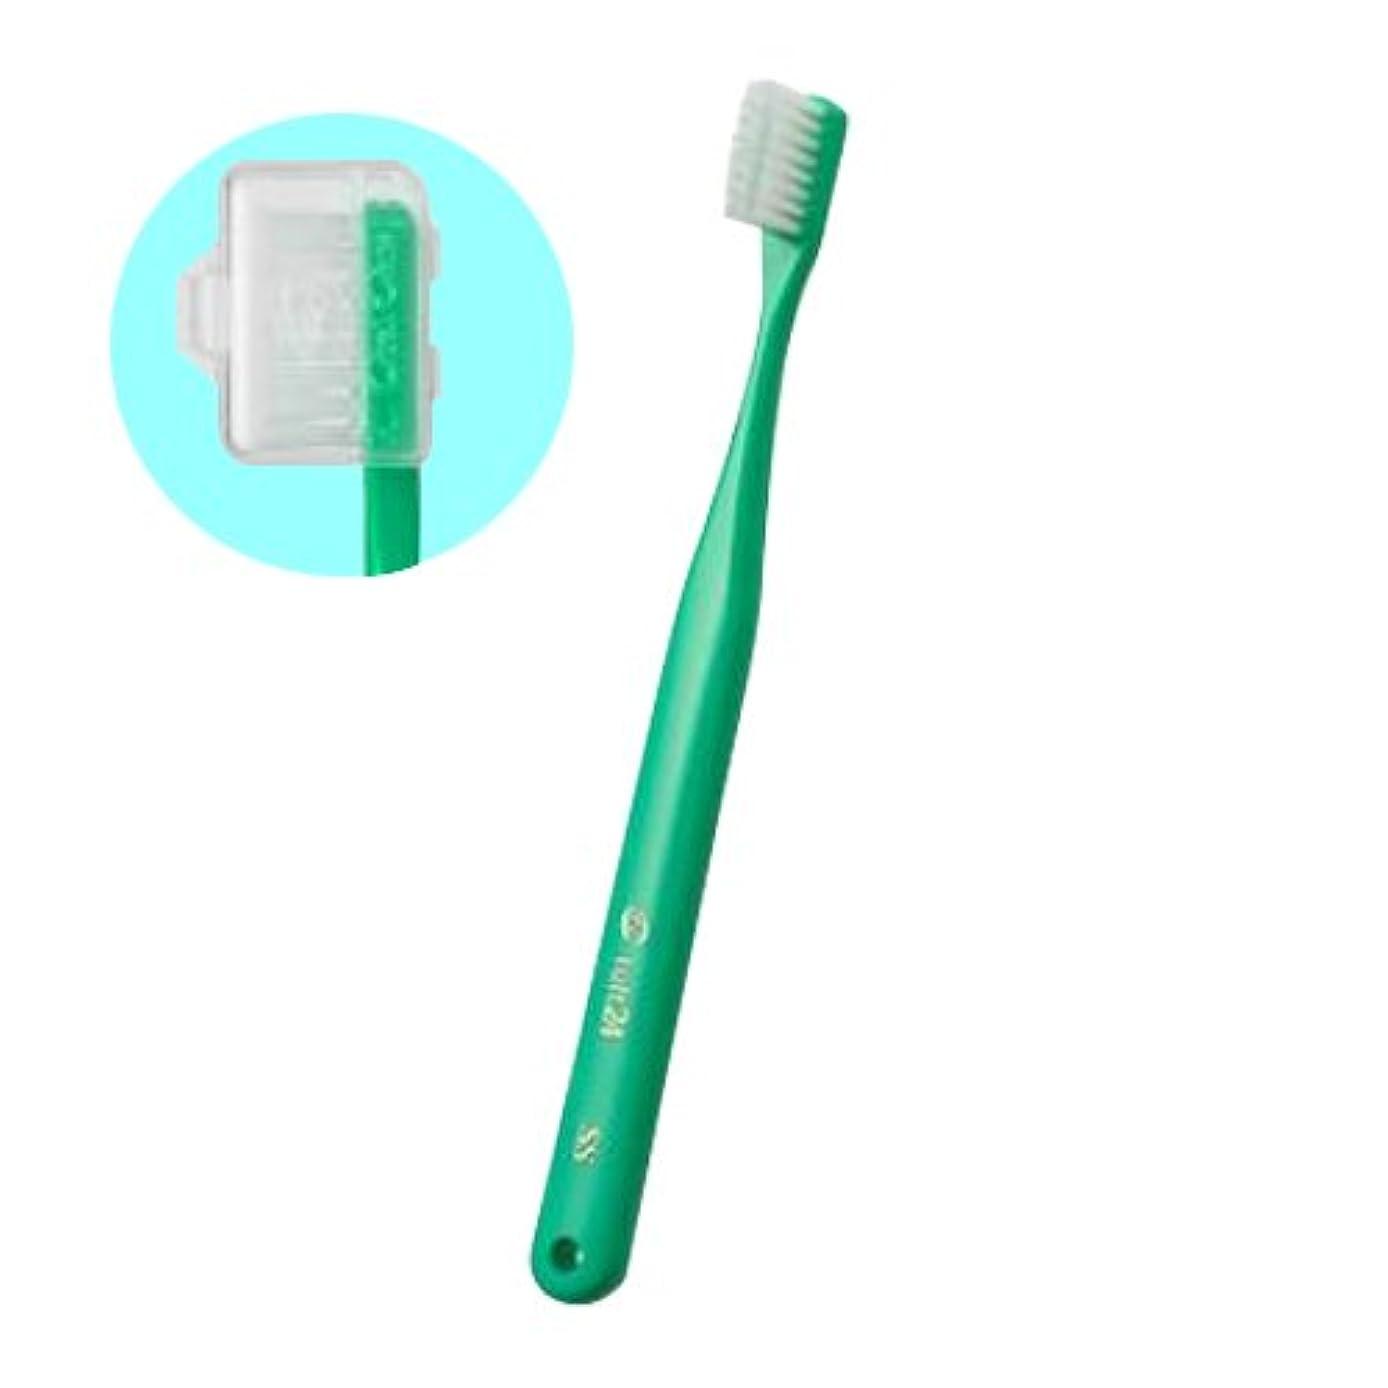 器具どれでもインフルエンザキャップ付き タフト 24 歯ブラシ エクストラスーパーソフト 1本 (グリーン)